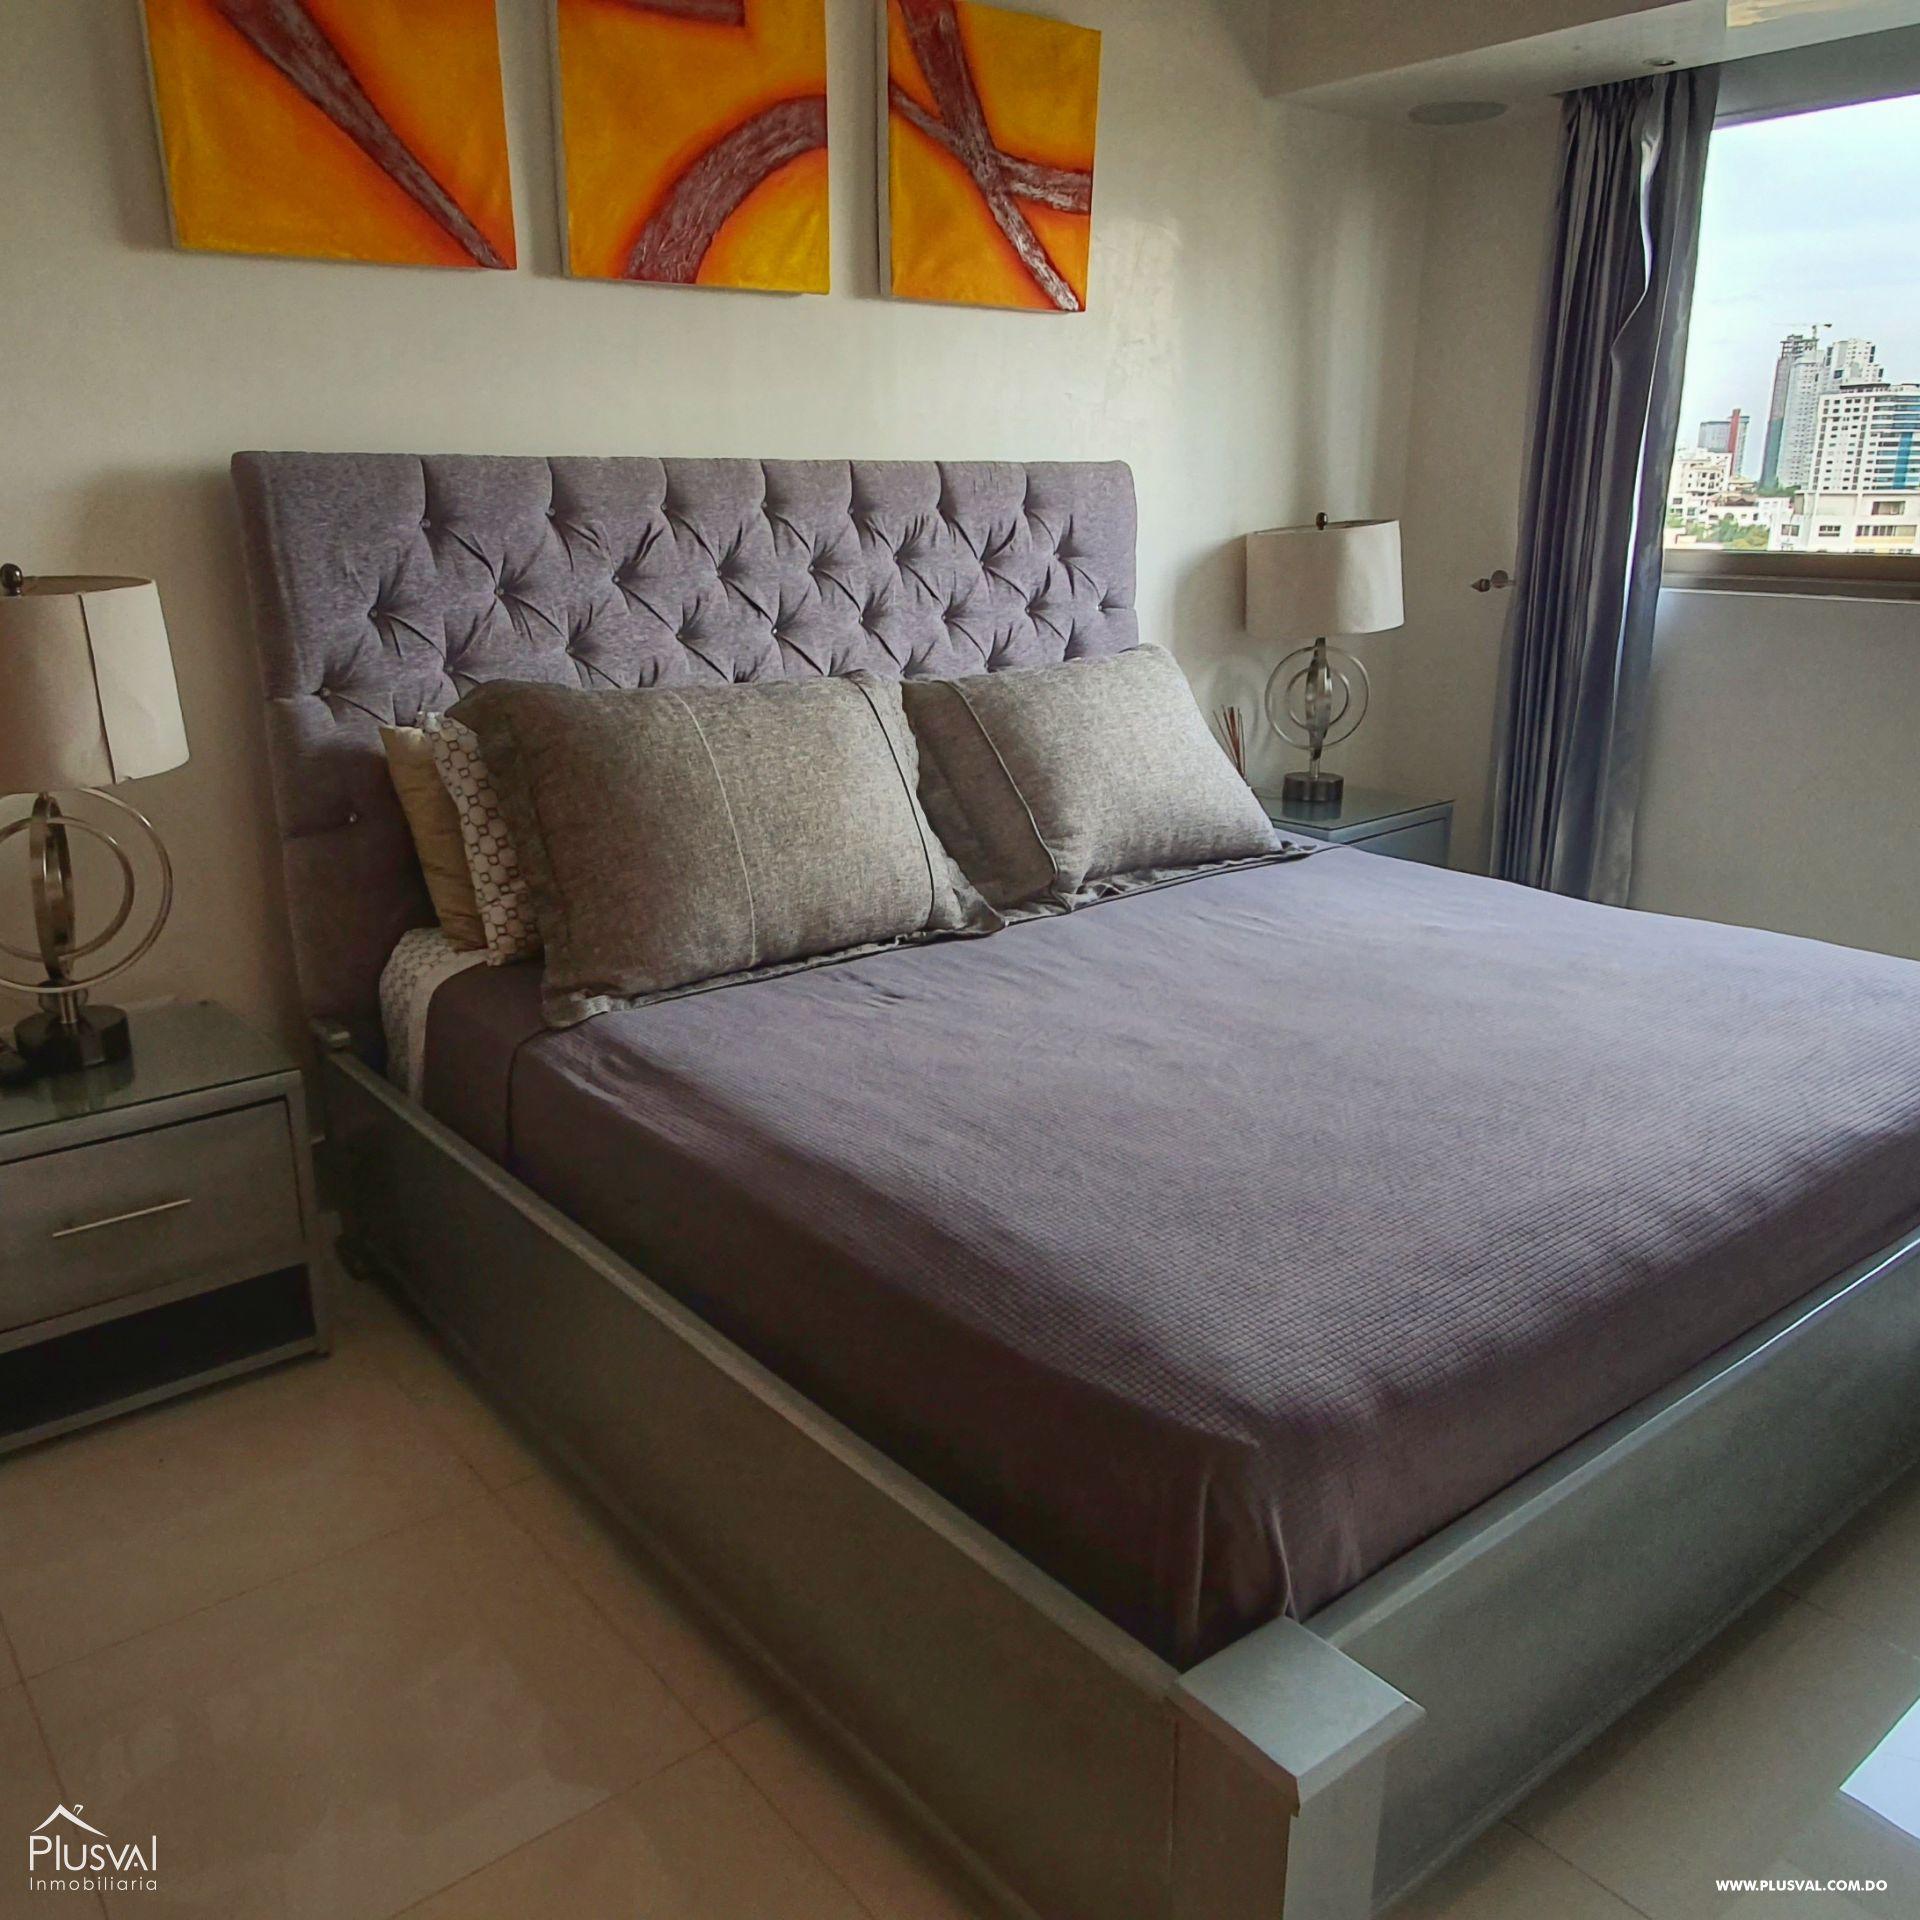 Apartamento en Alquiler amueblado torre Arpel 04 153435